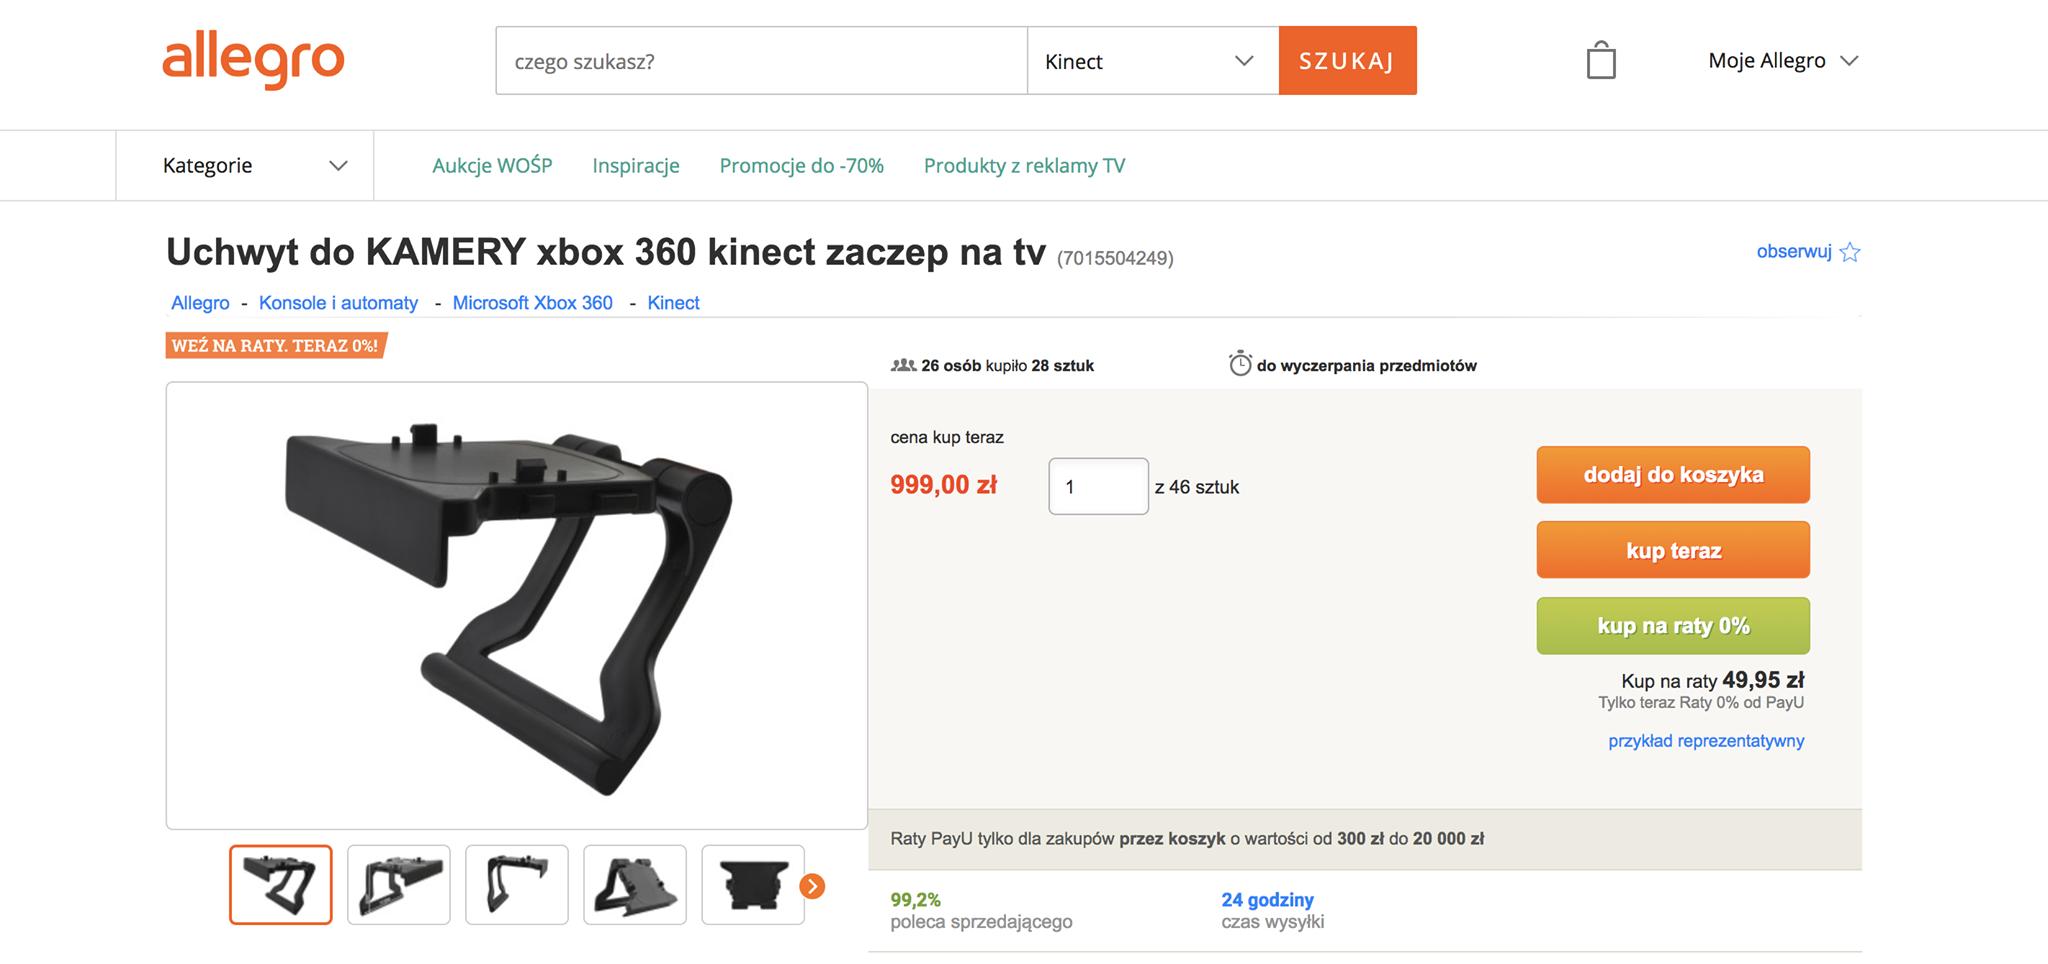 Przedziwna Aukcja Na Allegro Uchwyt O Wartosci 10 Zlotych Sprzedawany Jest Za 1000 Zlotych I Nie Brakuje Chetnych